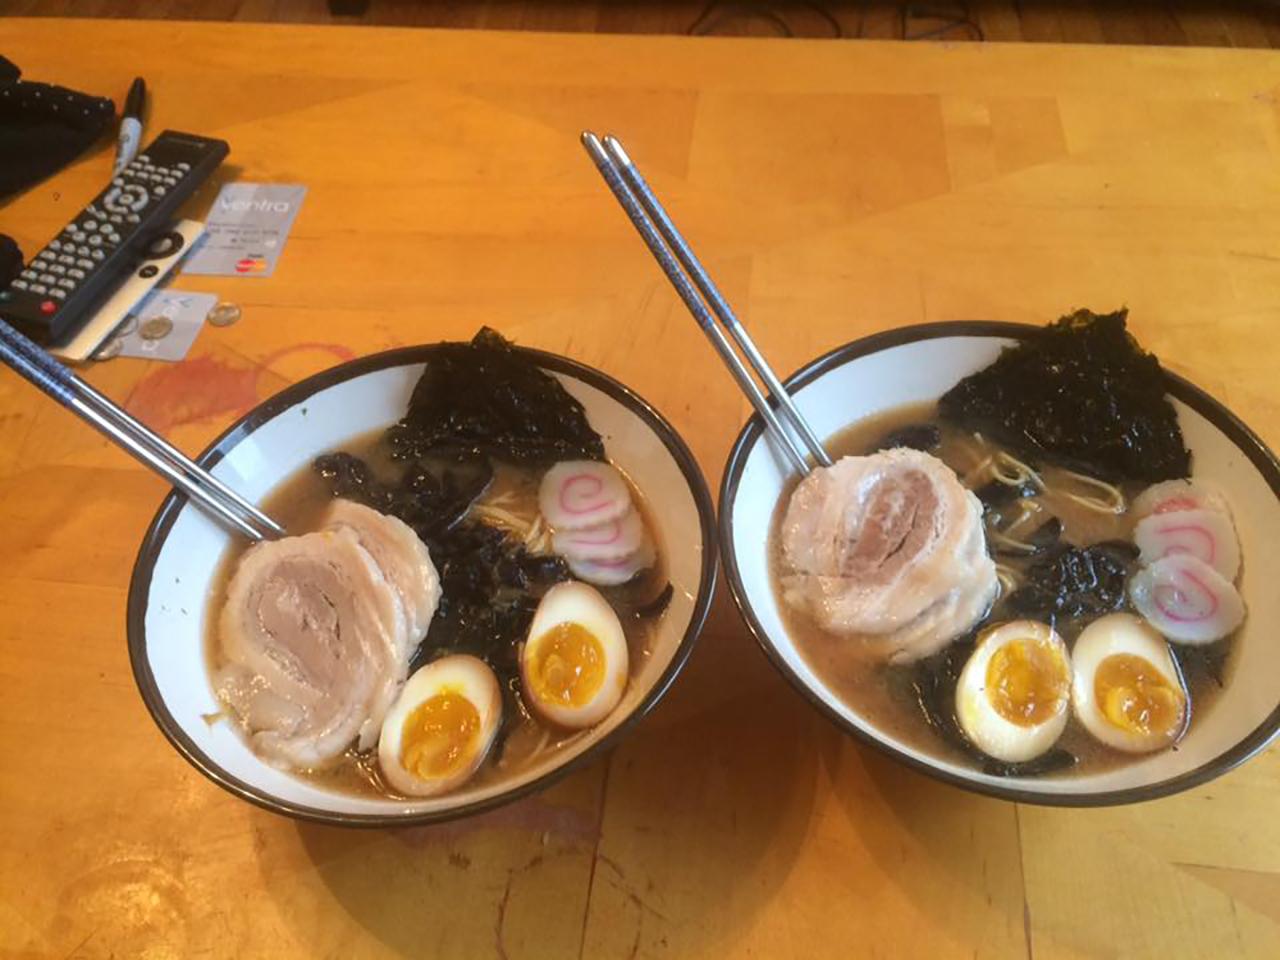 Restaurant-Style Shoyu Miso Ramen